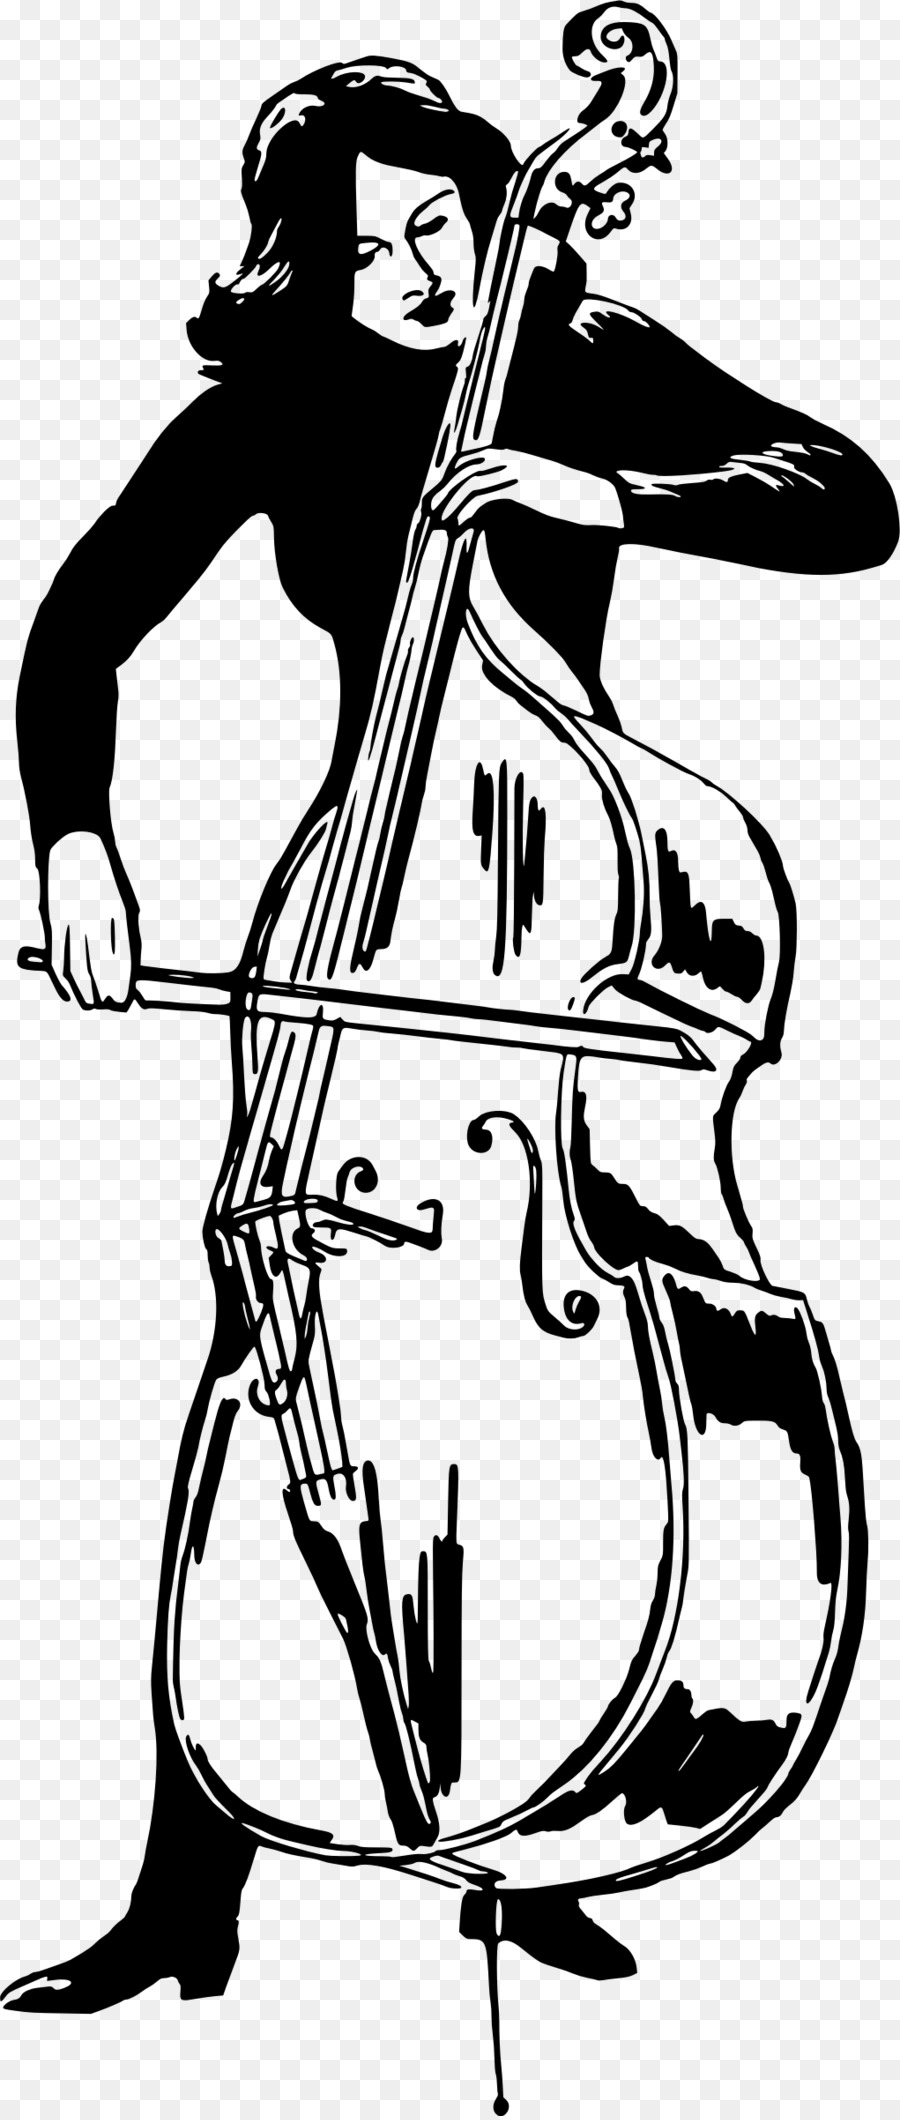 Cello clipart tool. Double bass violin clip